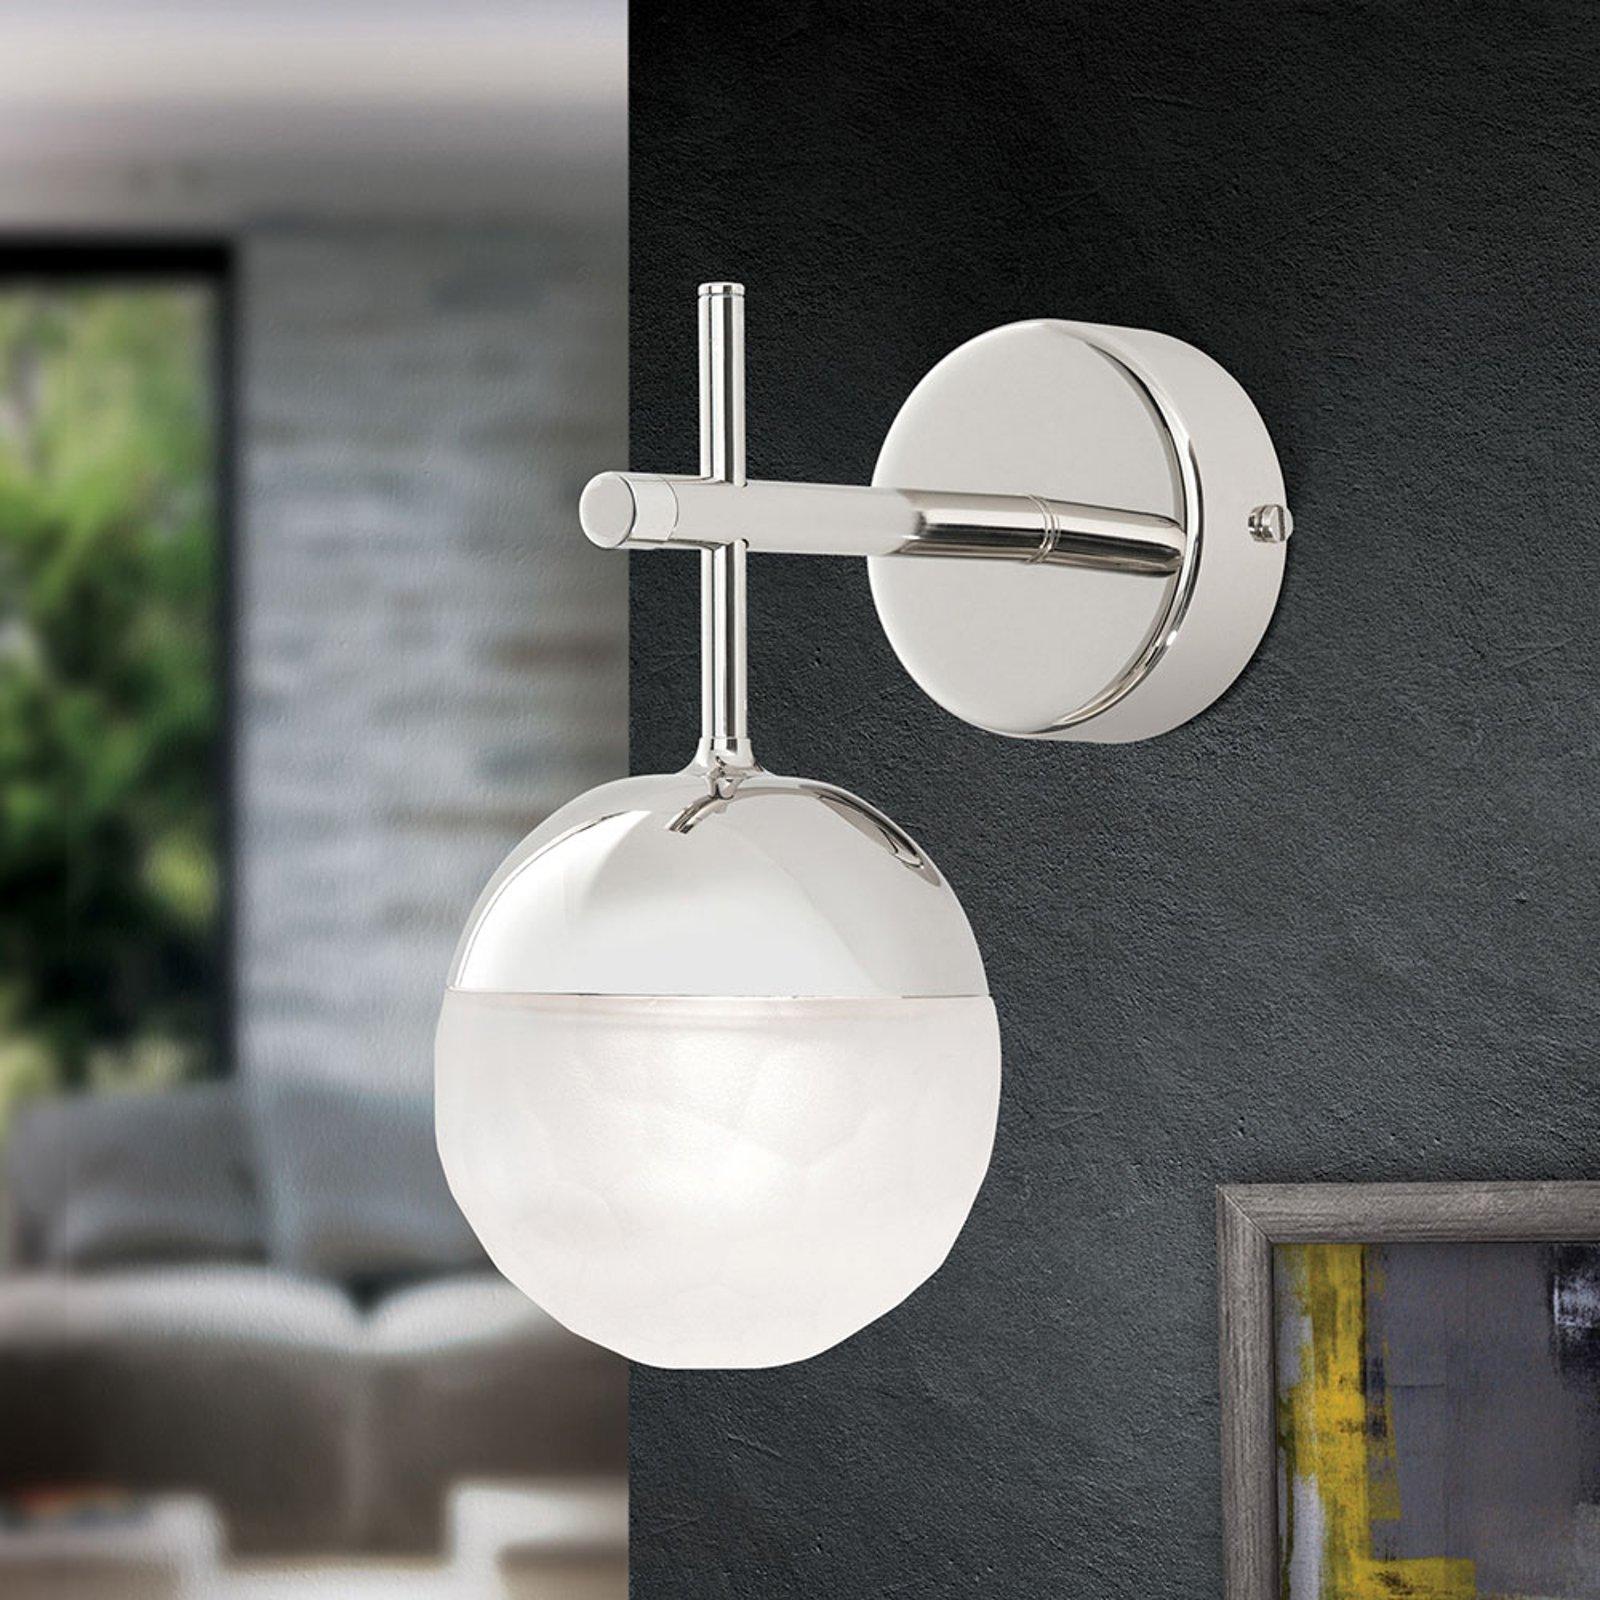 LED-vegglampe Ball 1 lyskilde, nikkel, nedover